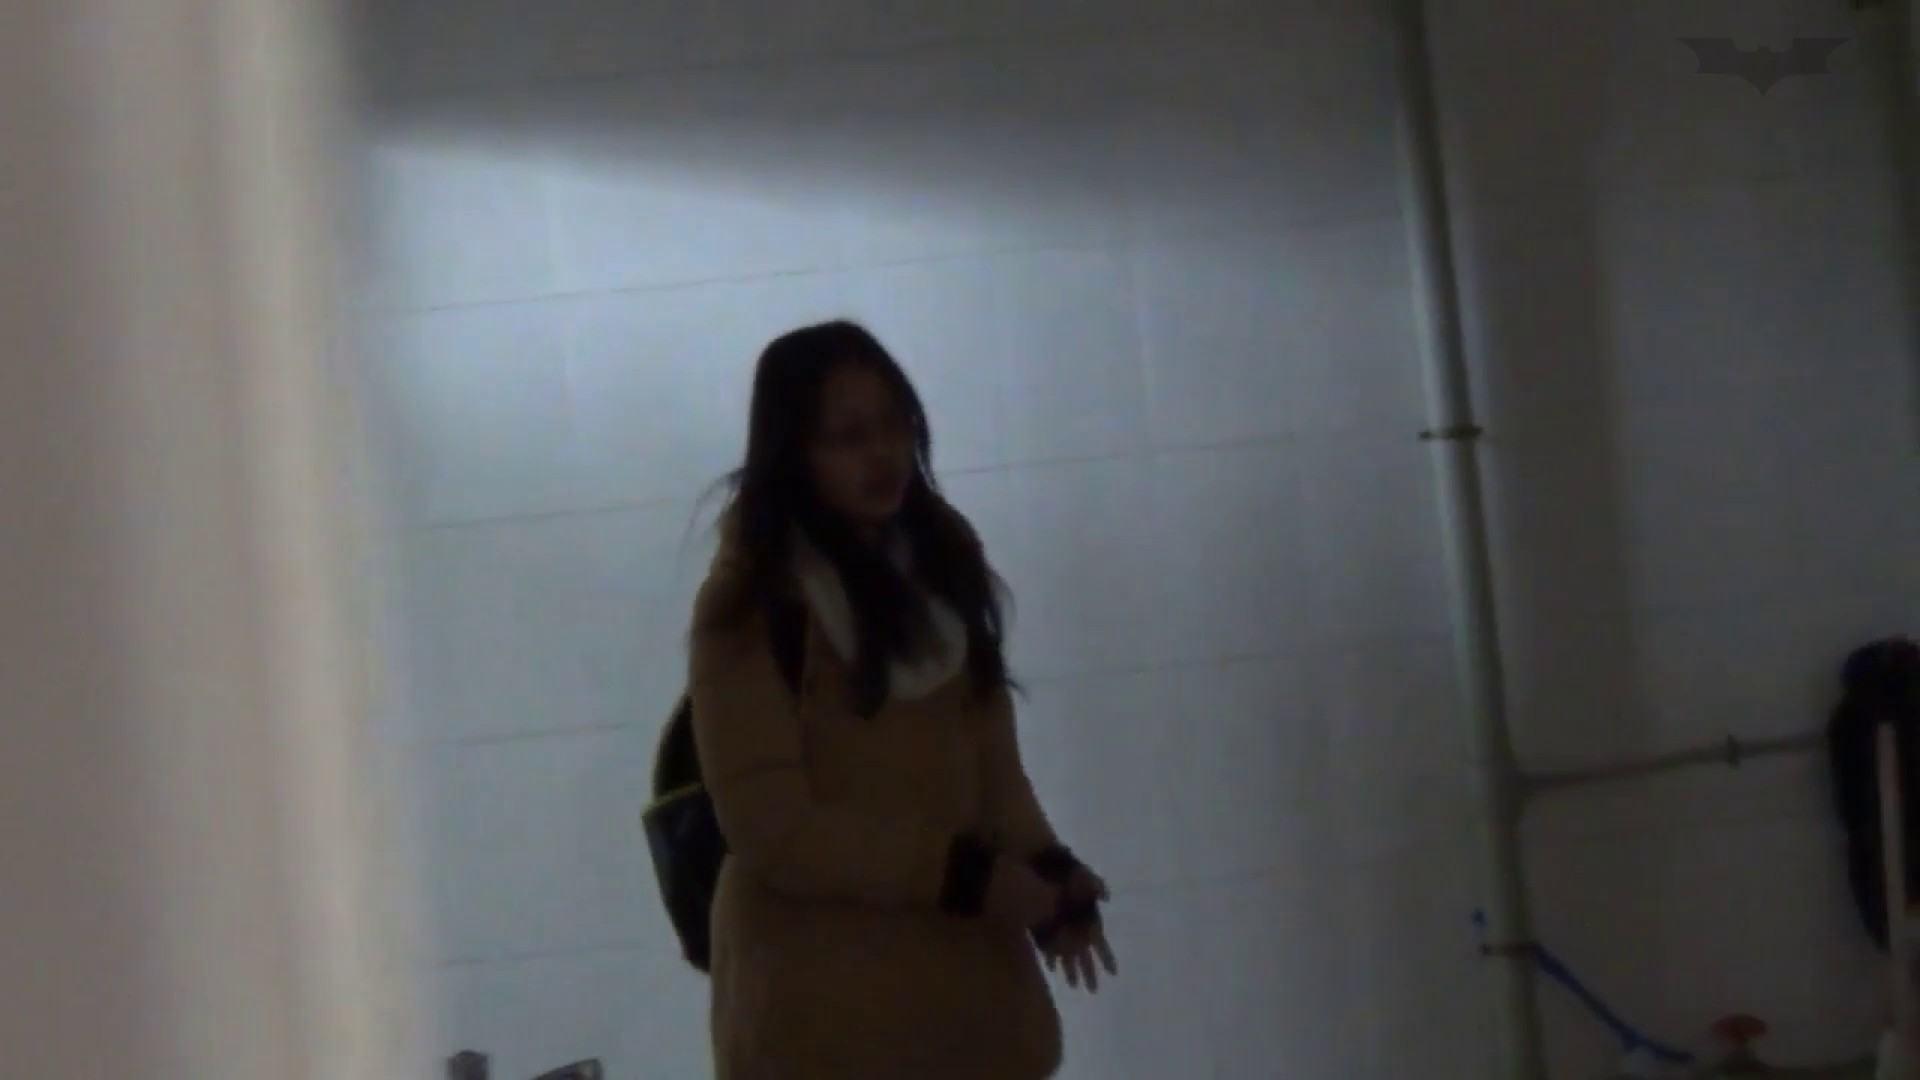 JD盗撮 美女の洗面所の秘密 Vol.55 美女のボディ スケベ動画紹介 82PIX 48